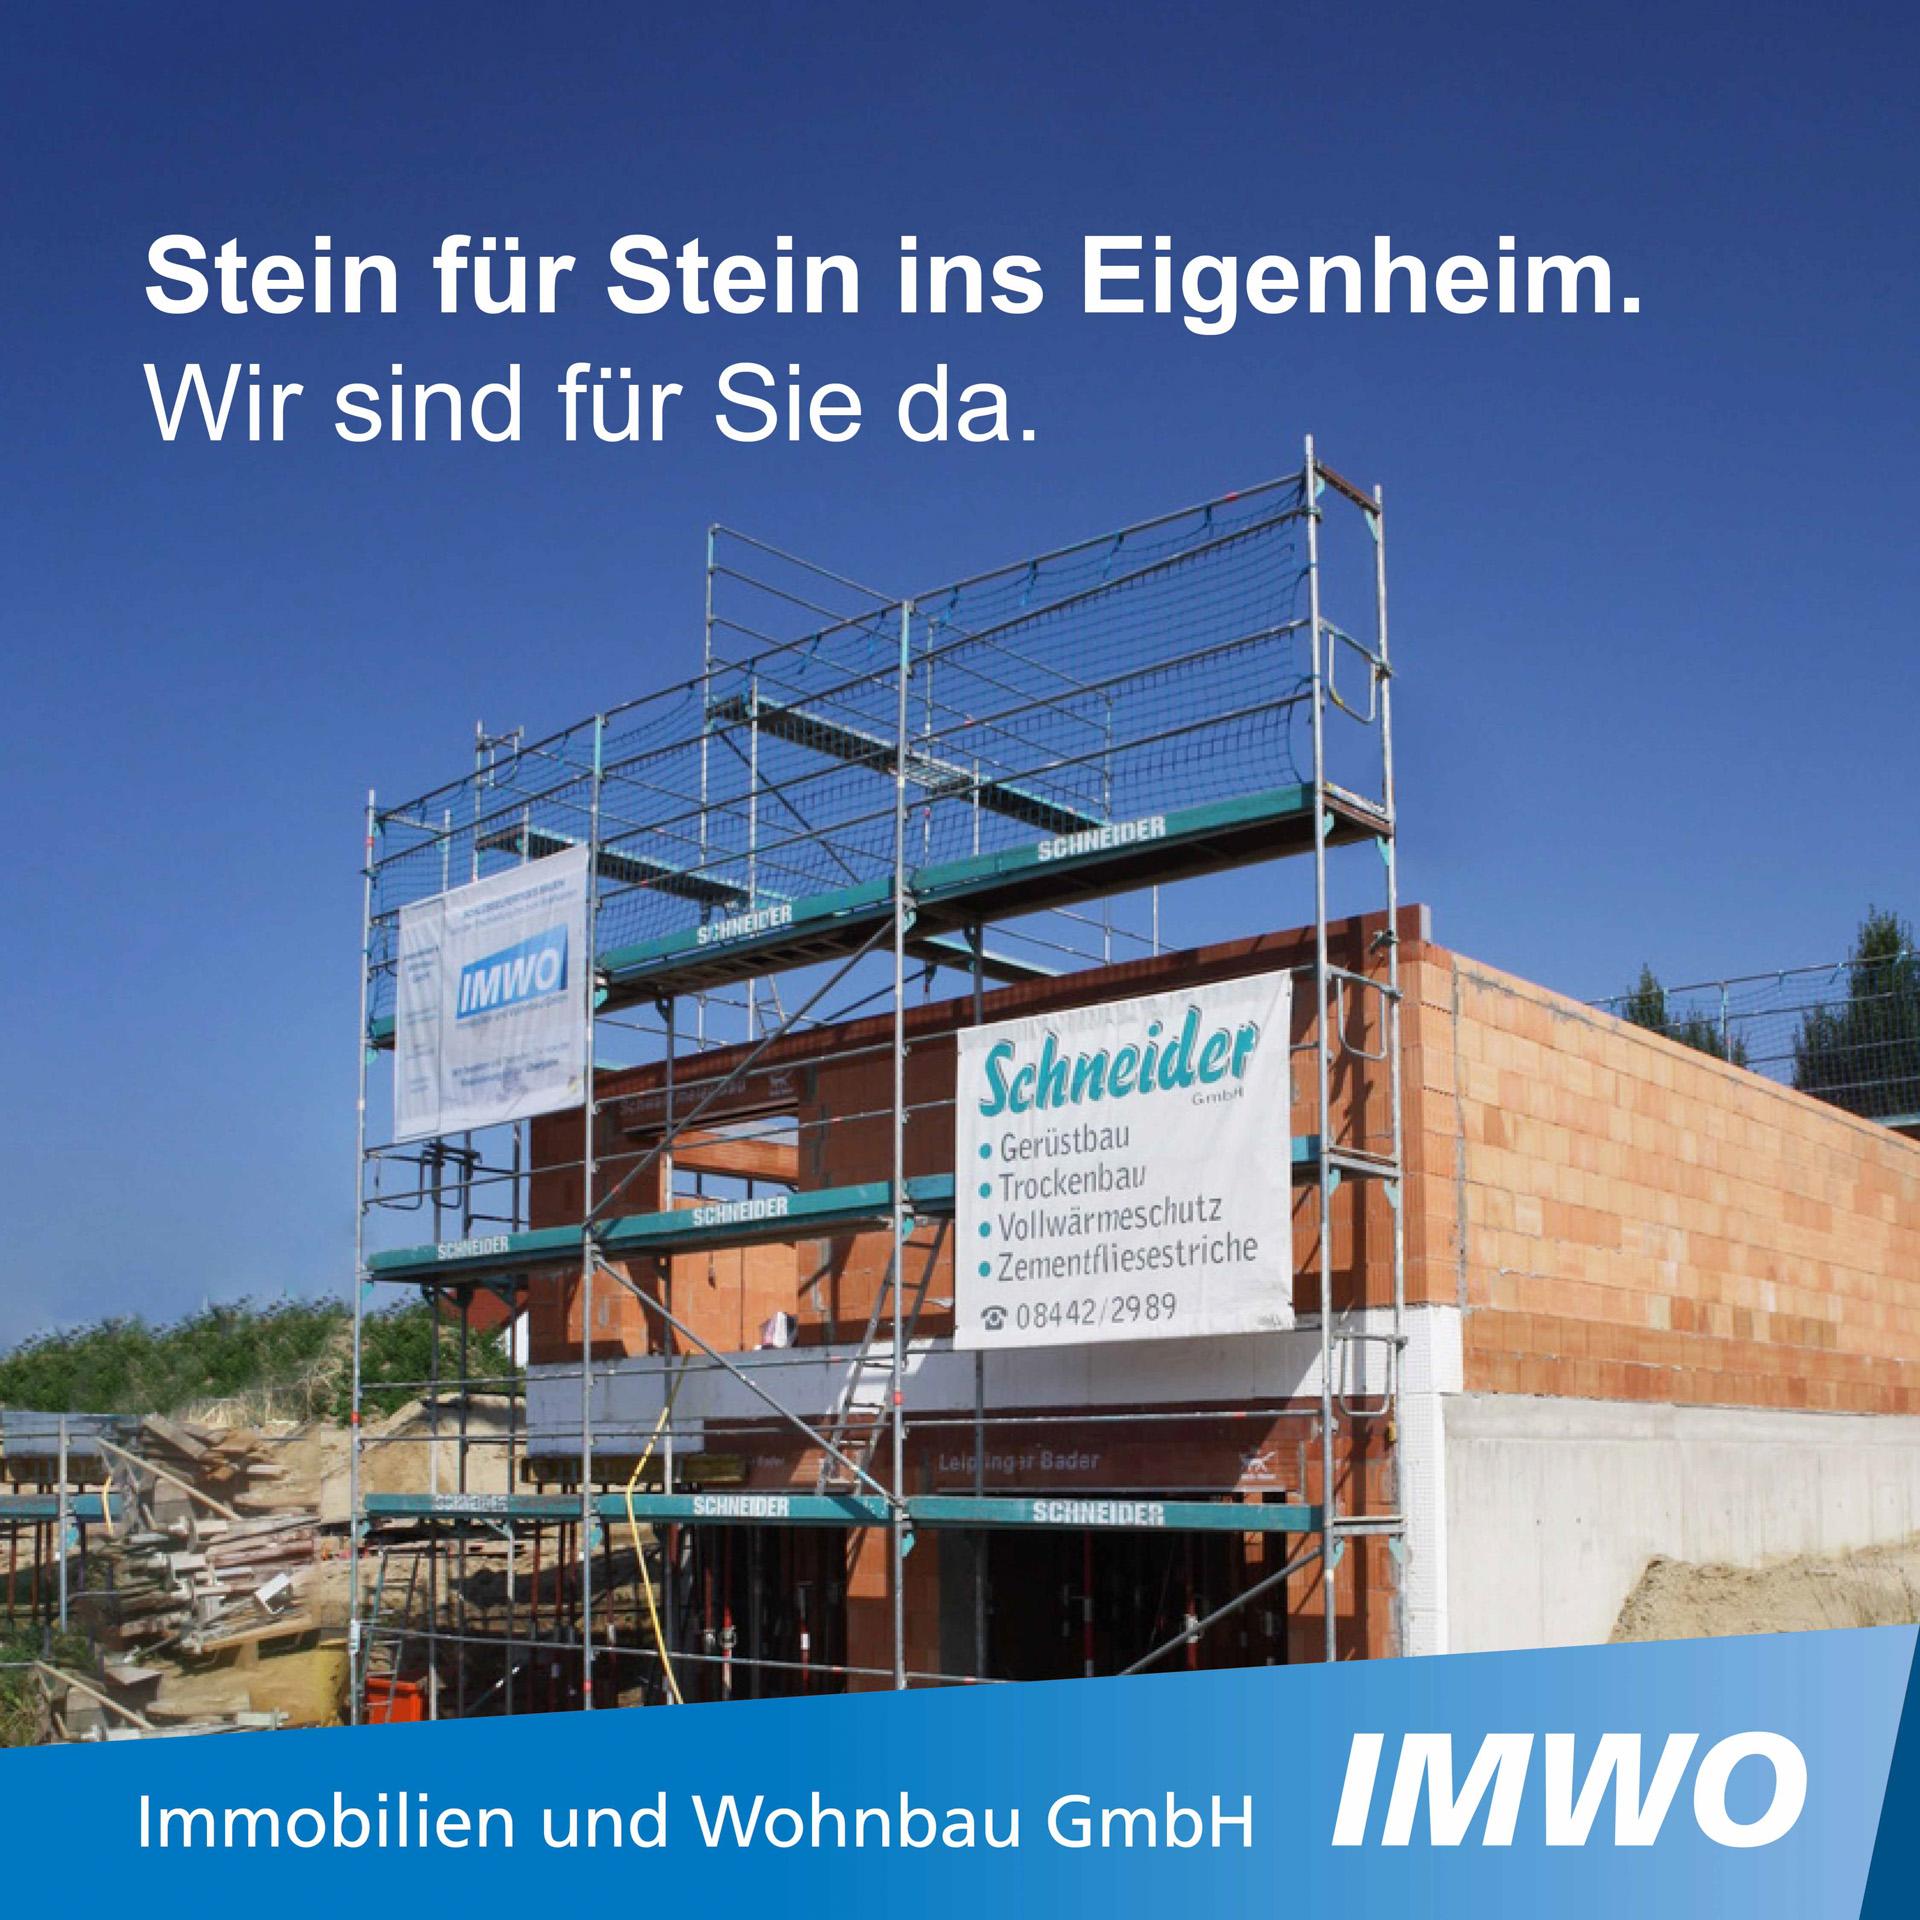 gniced-daniel gross-pfaffenhofen-grafikdesign-print-druckprodukte-20